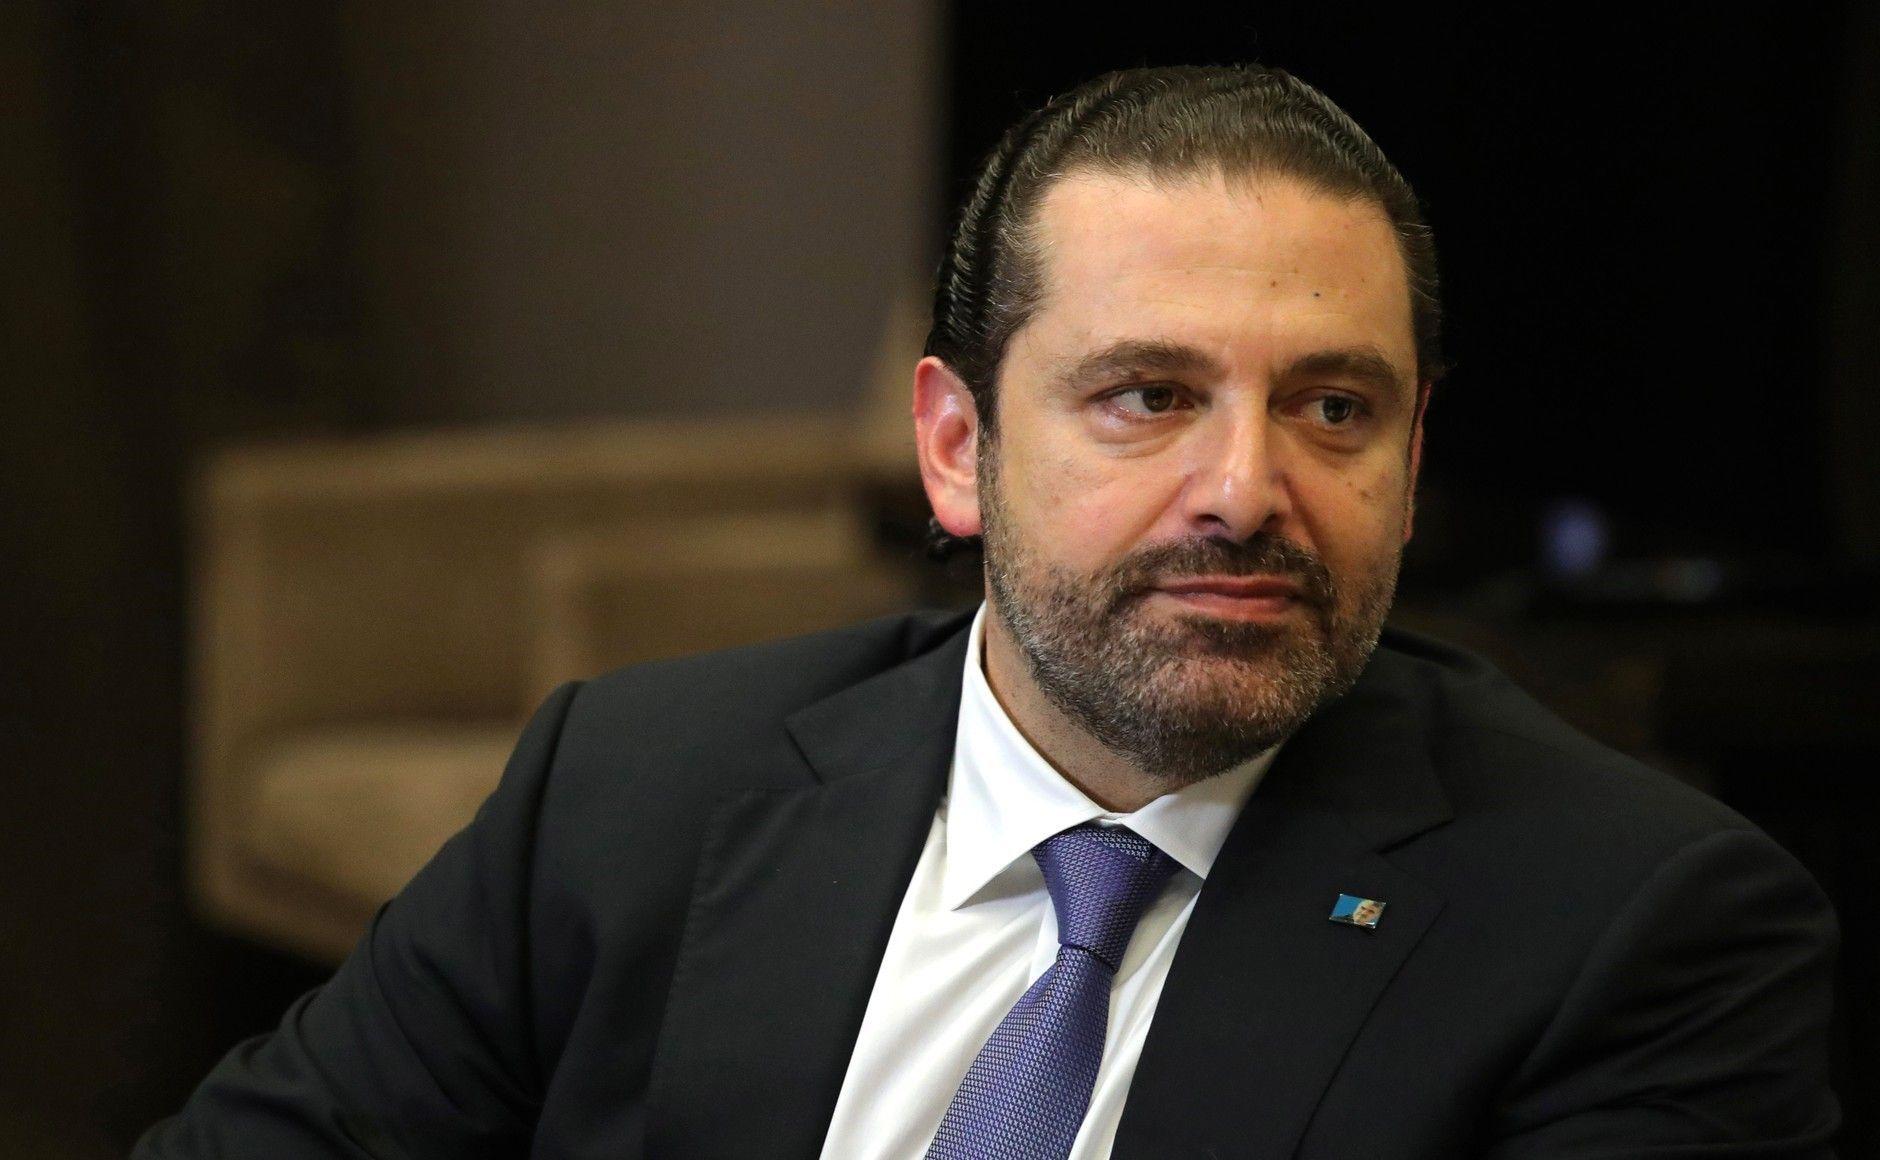 Premierul Libanului şi-a anunţat demisia din cauza temerilor în privinţa unui posibil asasinat